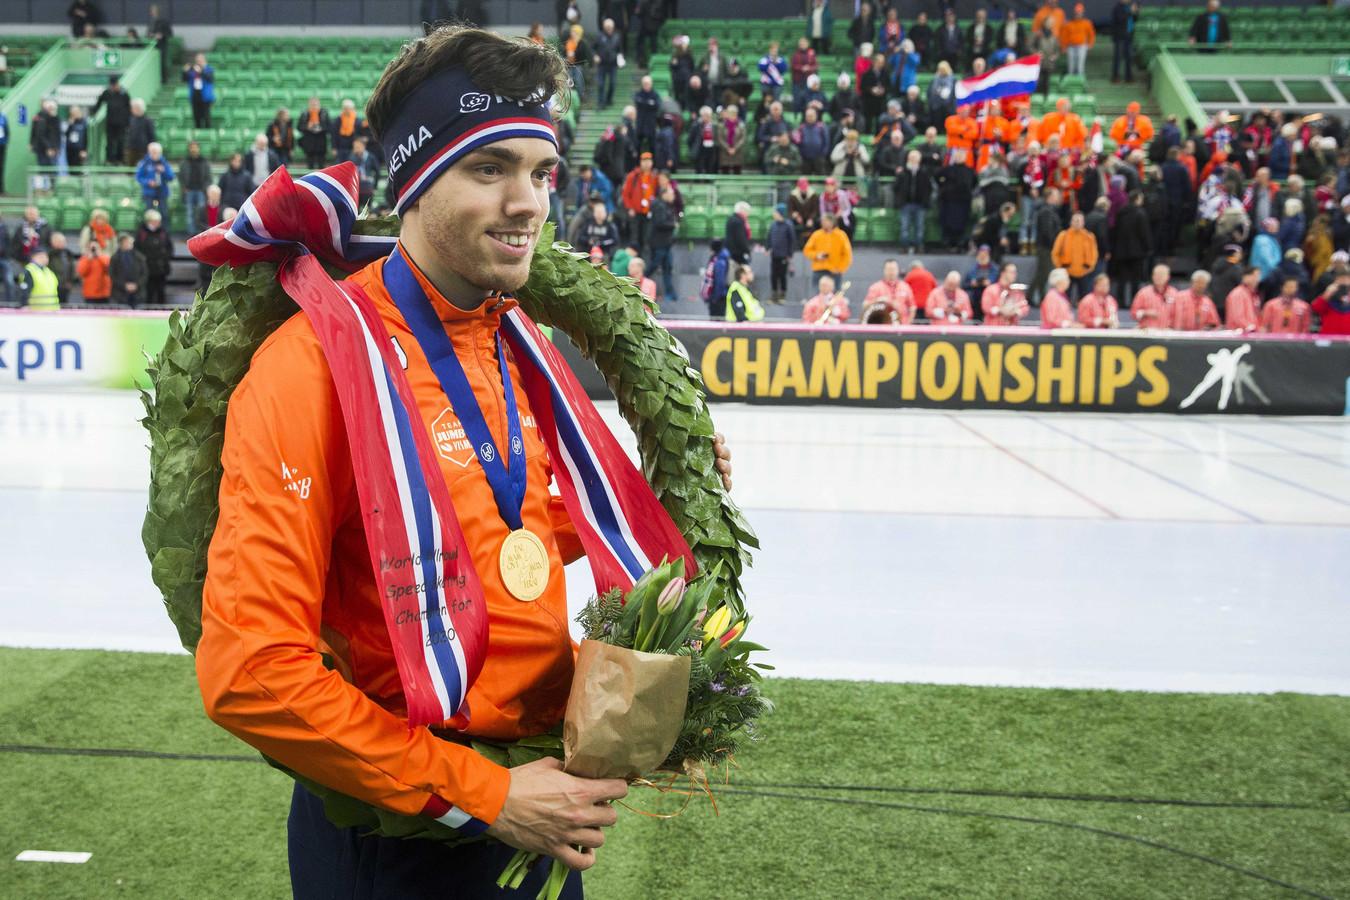 Wereldkampioen Patrick Roest tijdens de huldiging van het WK allround in Hamar.